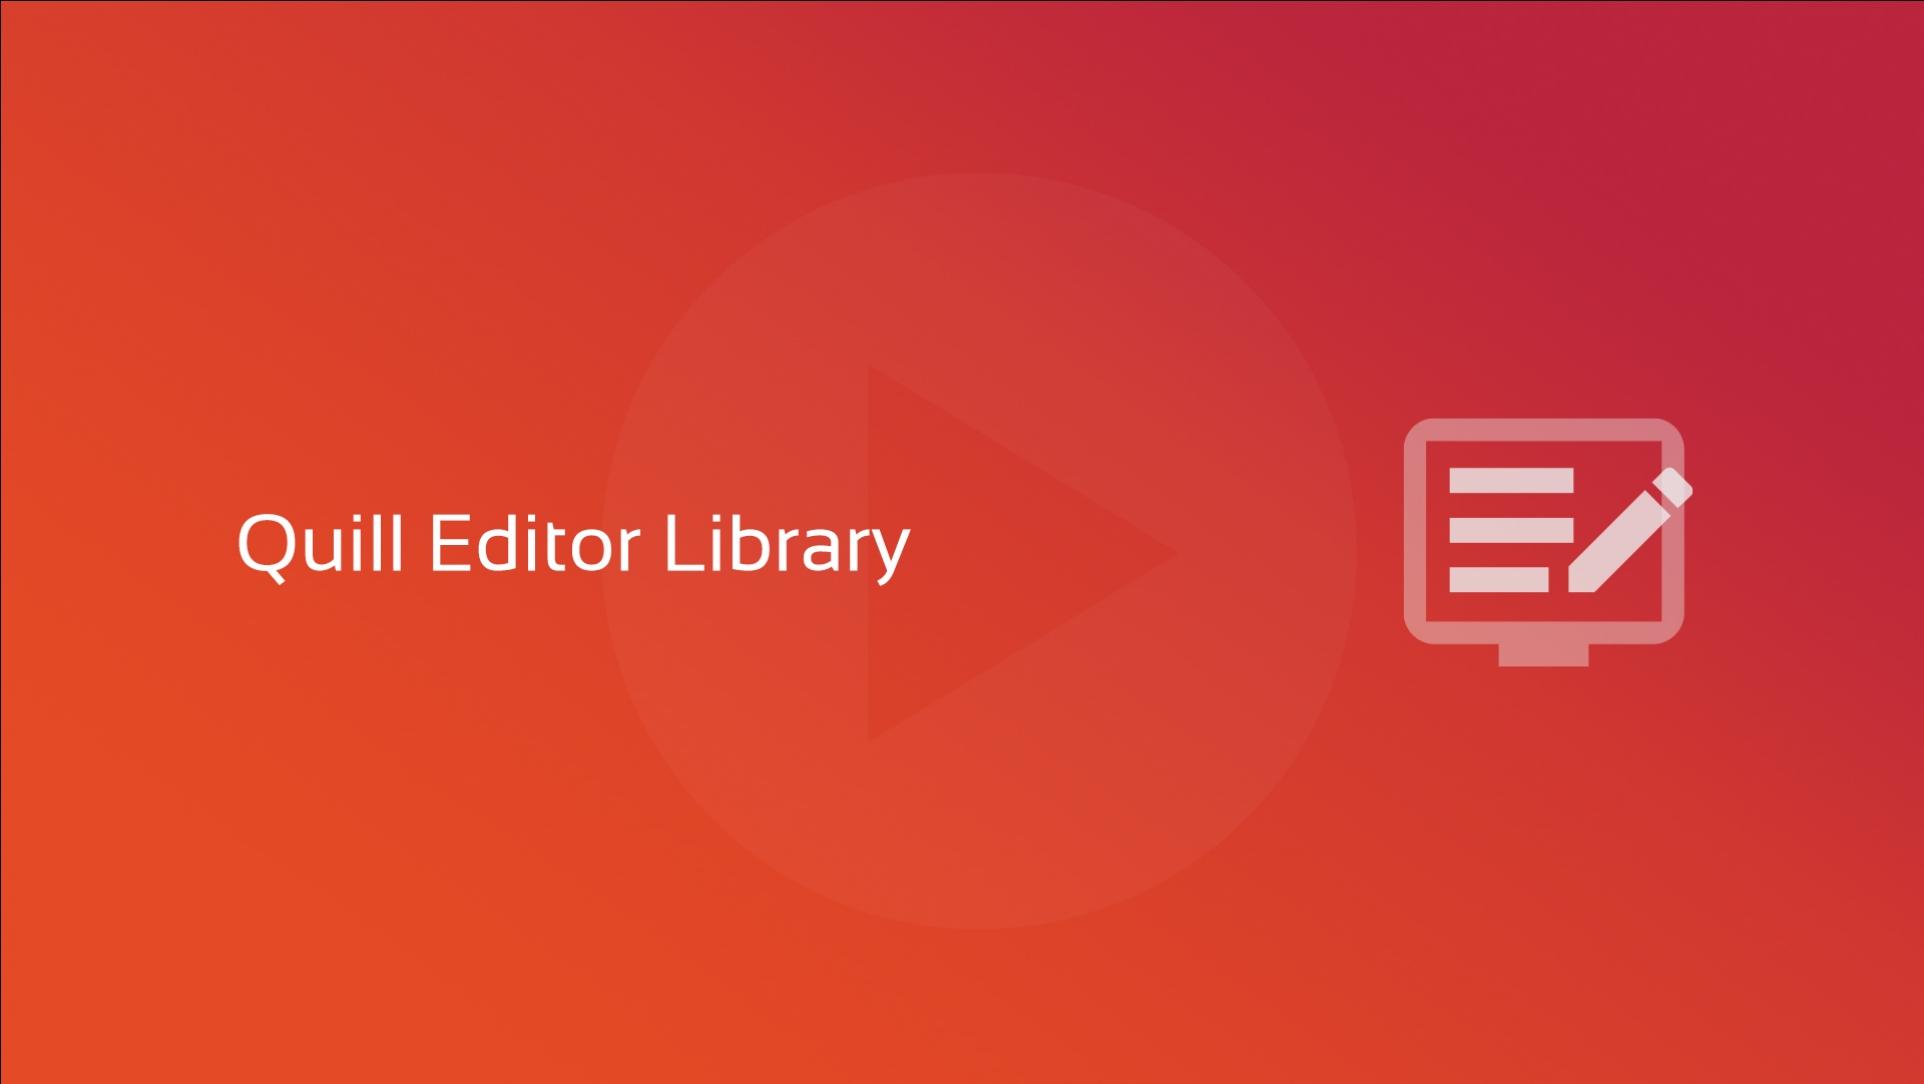 2020-08-19 Quill Editor OG V2